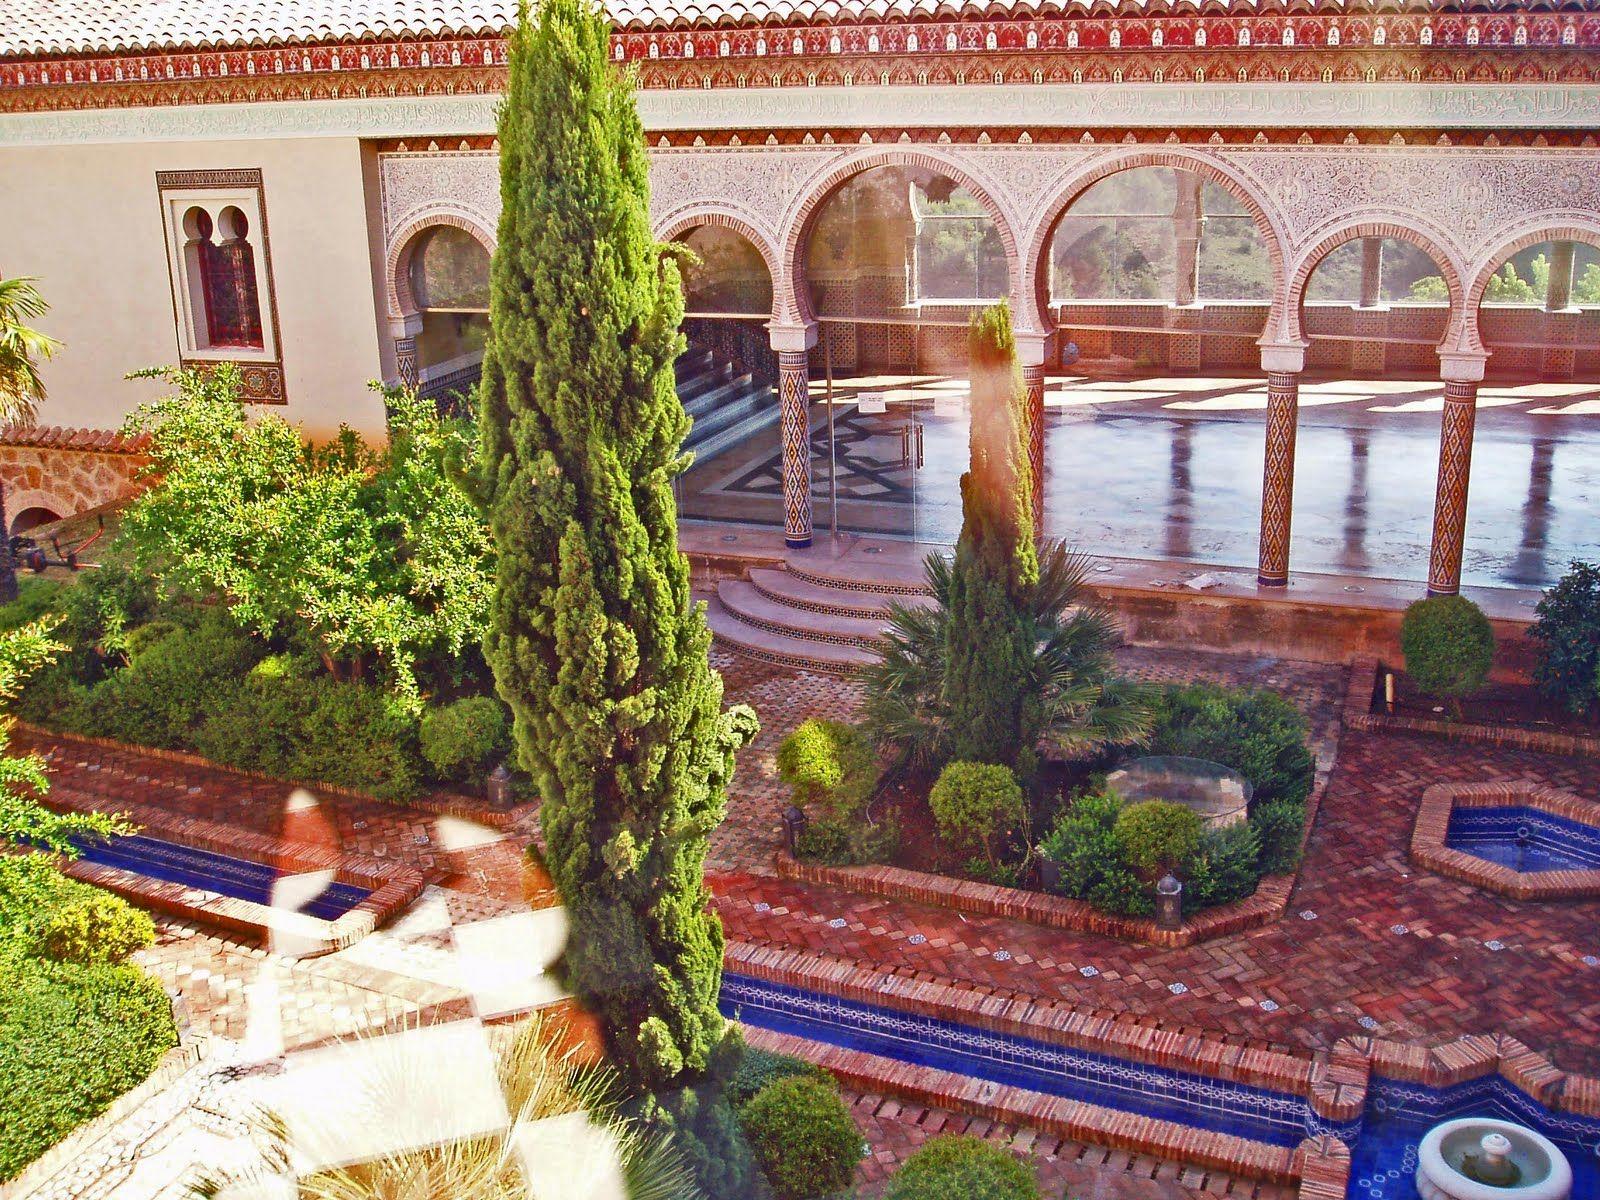 Vista del patio con el pabellón árabe